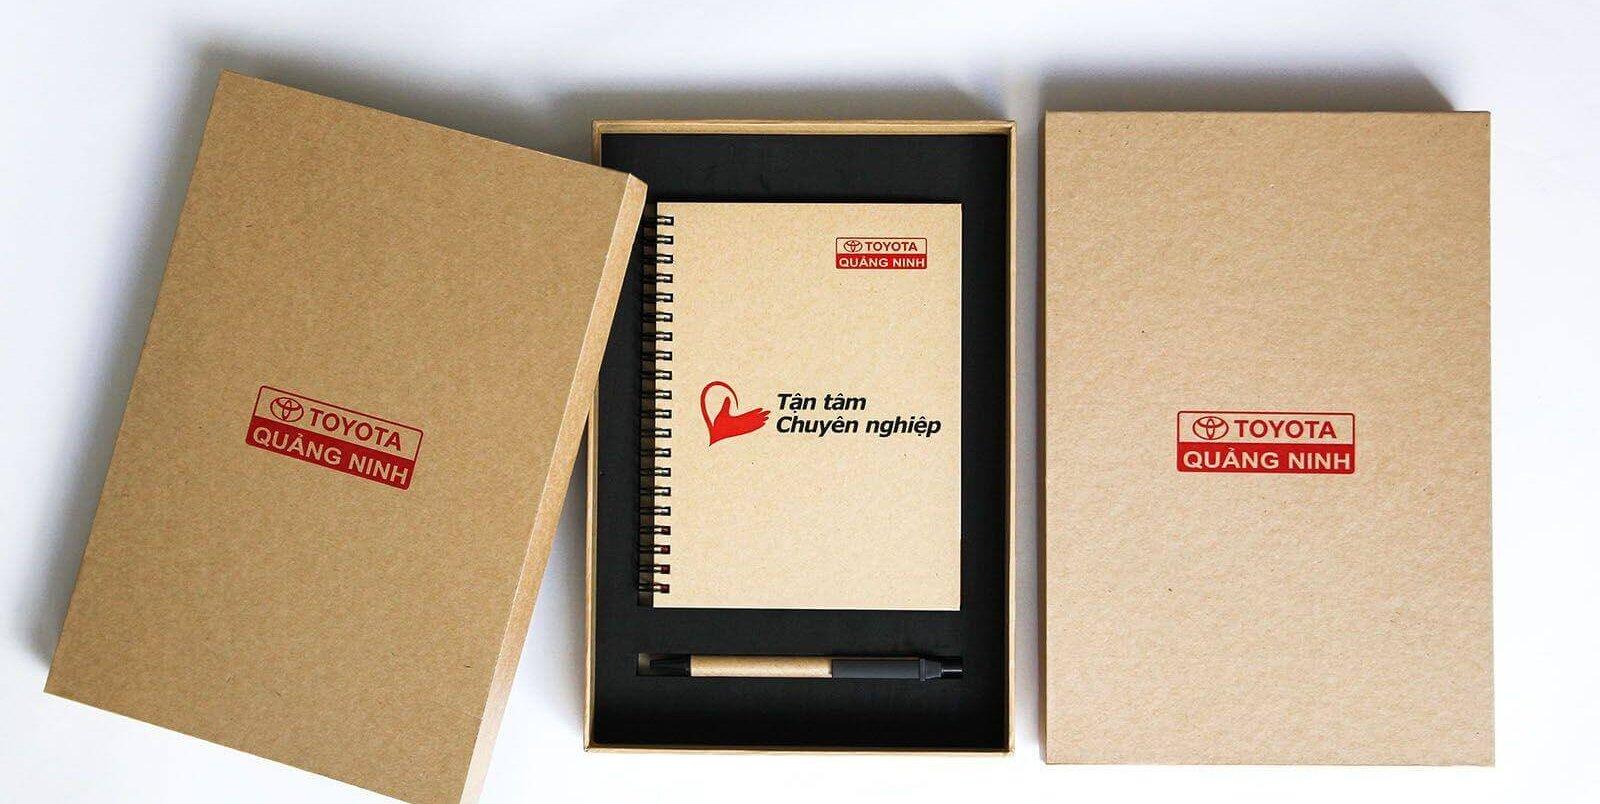 Lựa chọn chất liệu cho hộp đựng quà tặng